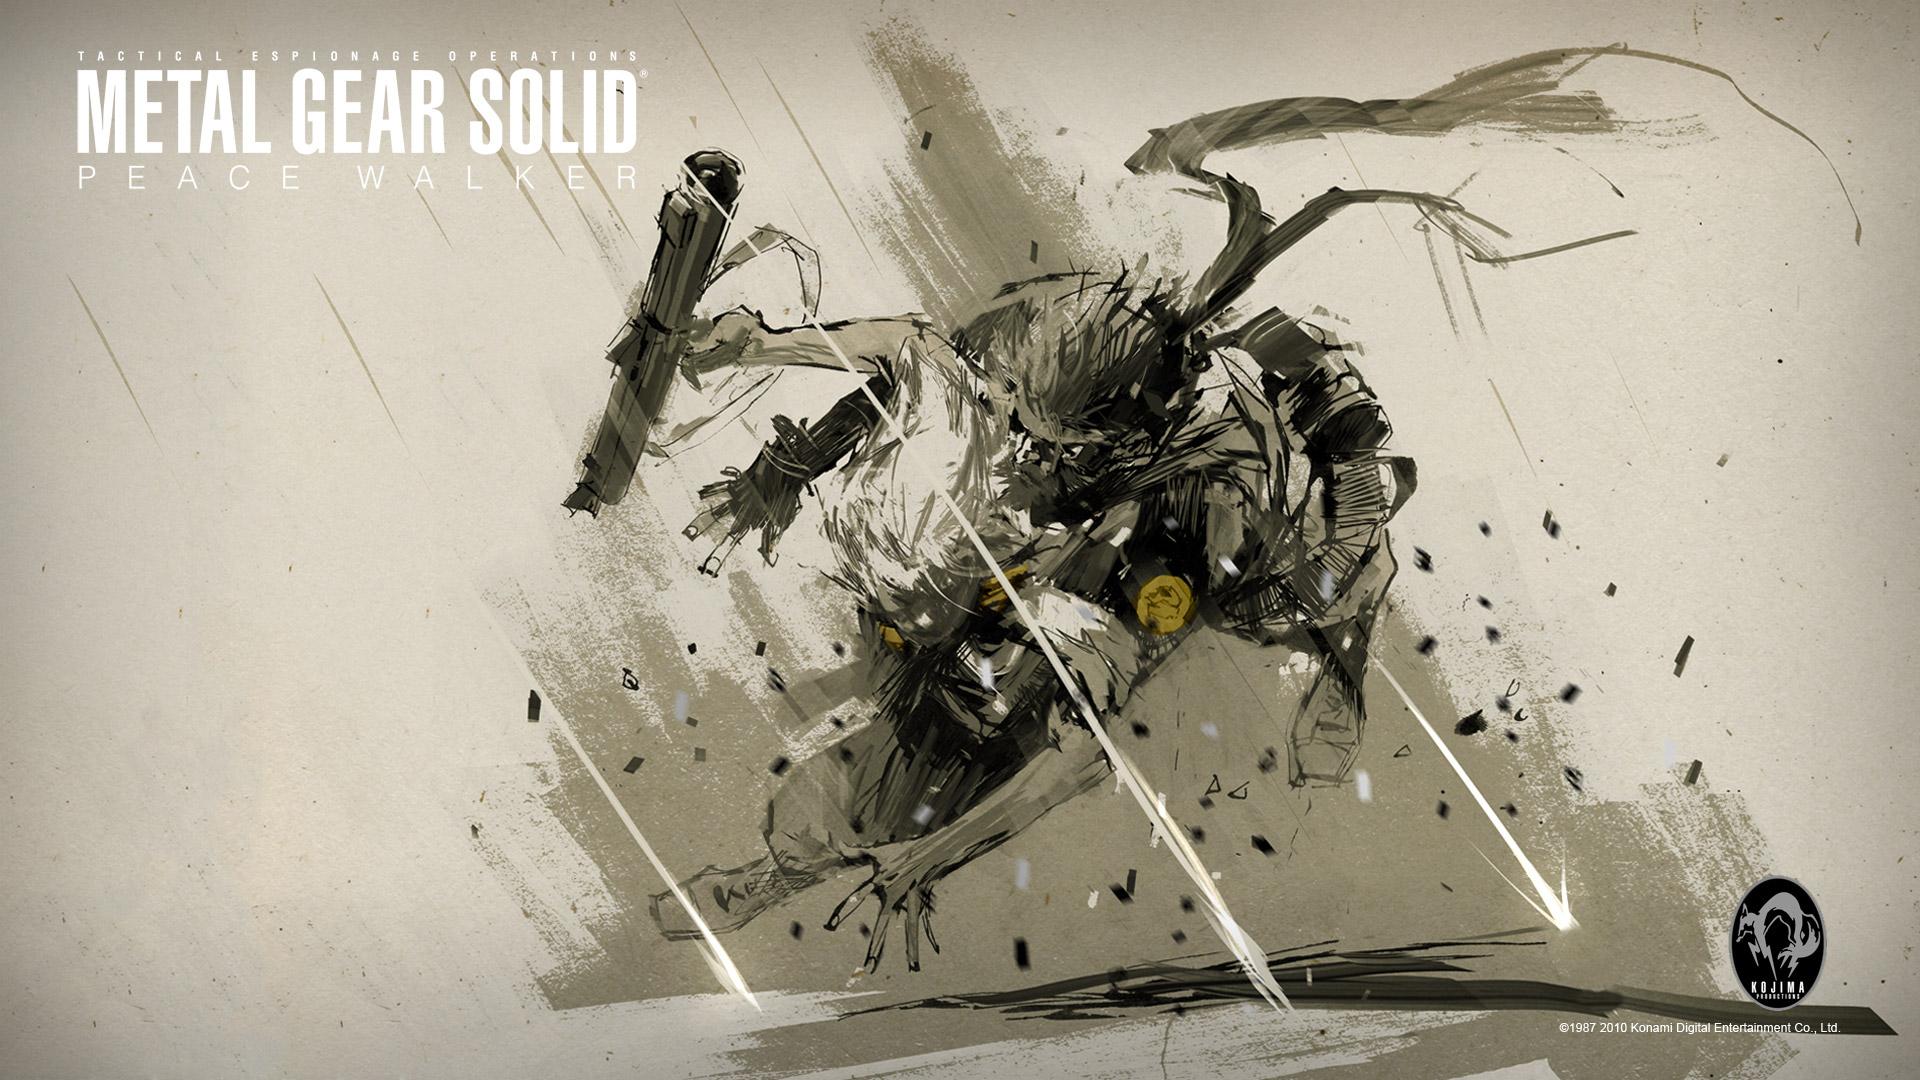 Metal Gear Solid Peace Walker wallpaper 1